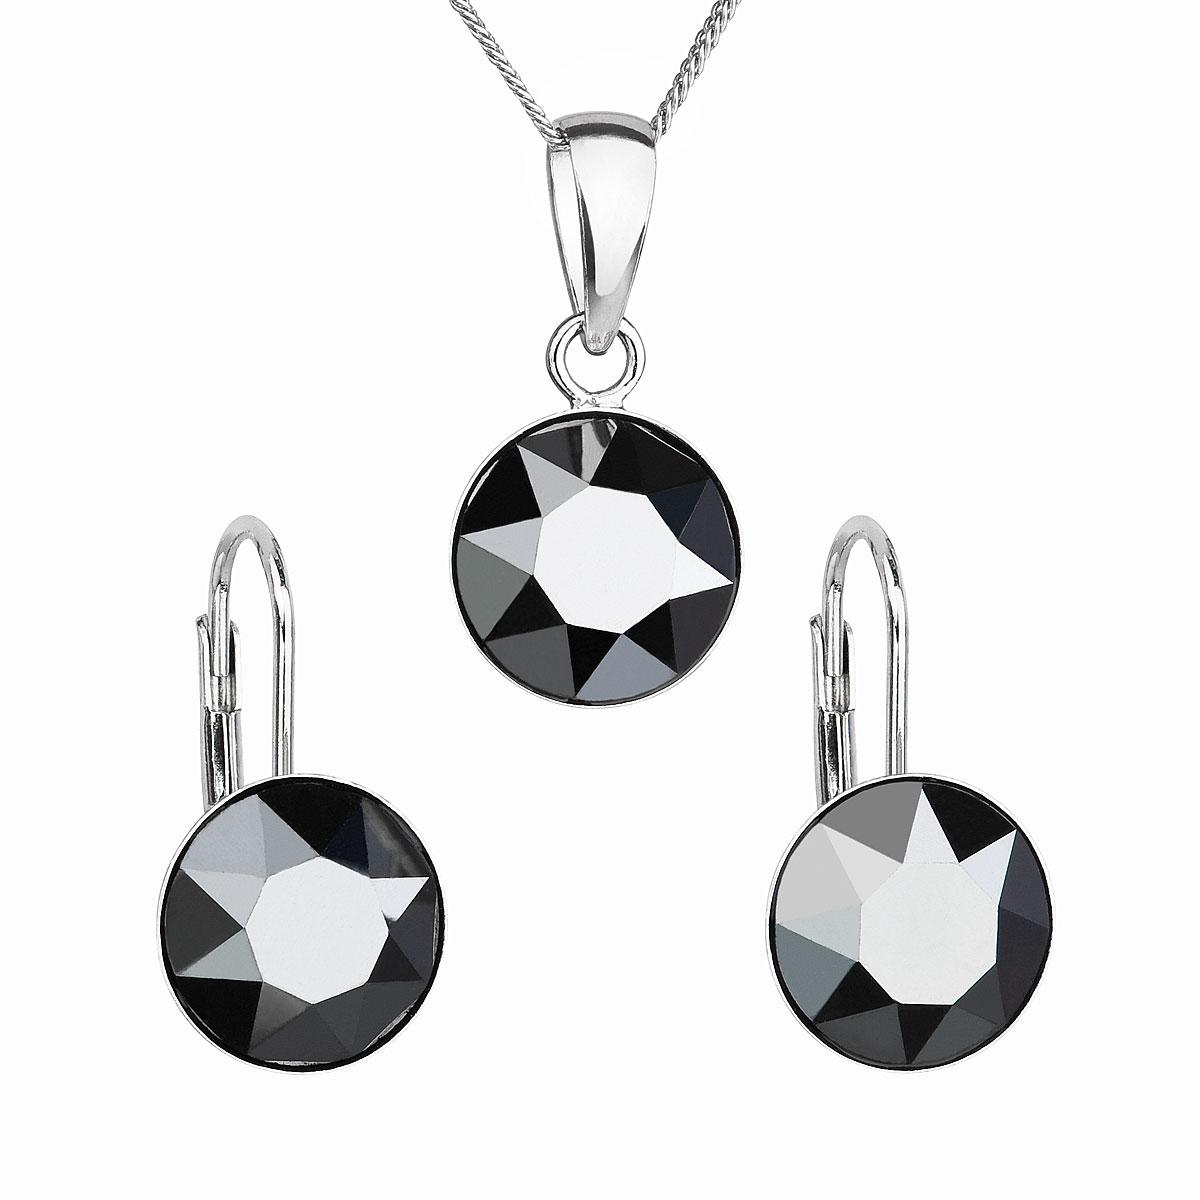 Sada šperkov s krištáľmi Swarovski náušnice, retiazka a prívesok čierne okrúhle 39140.5 hematite